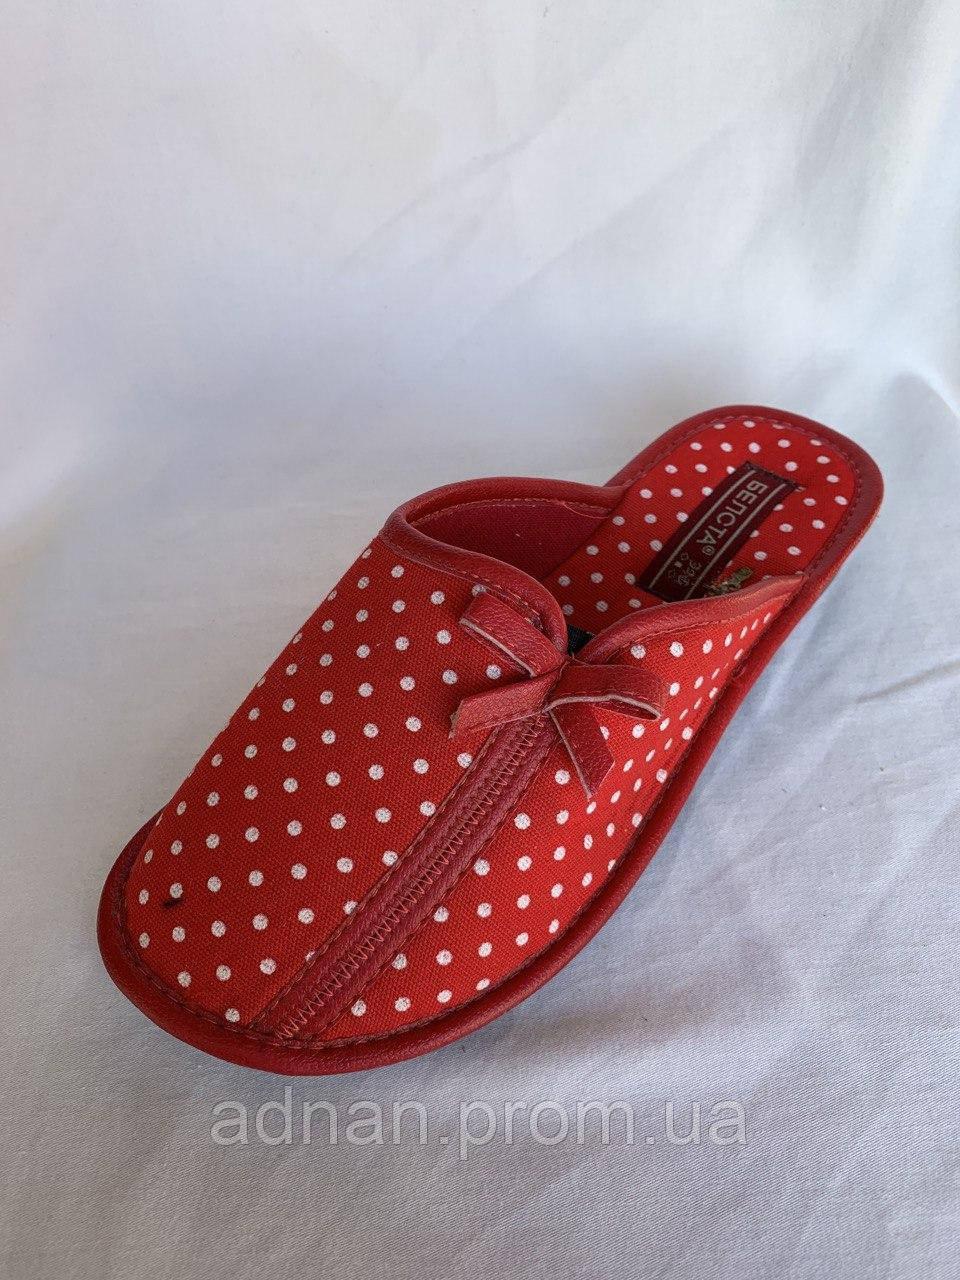 Тапочки жіночі БЕЛСТА, закриті, 6 пар в упаковці,002 Україна/ купити тапочки оптом